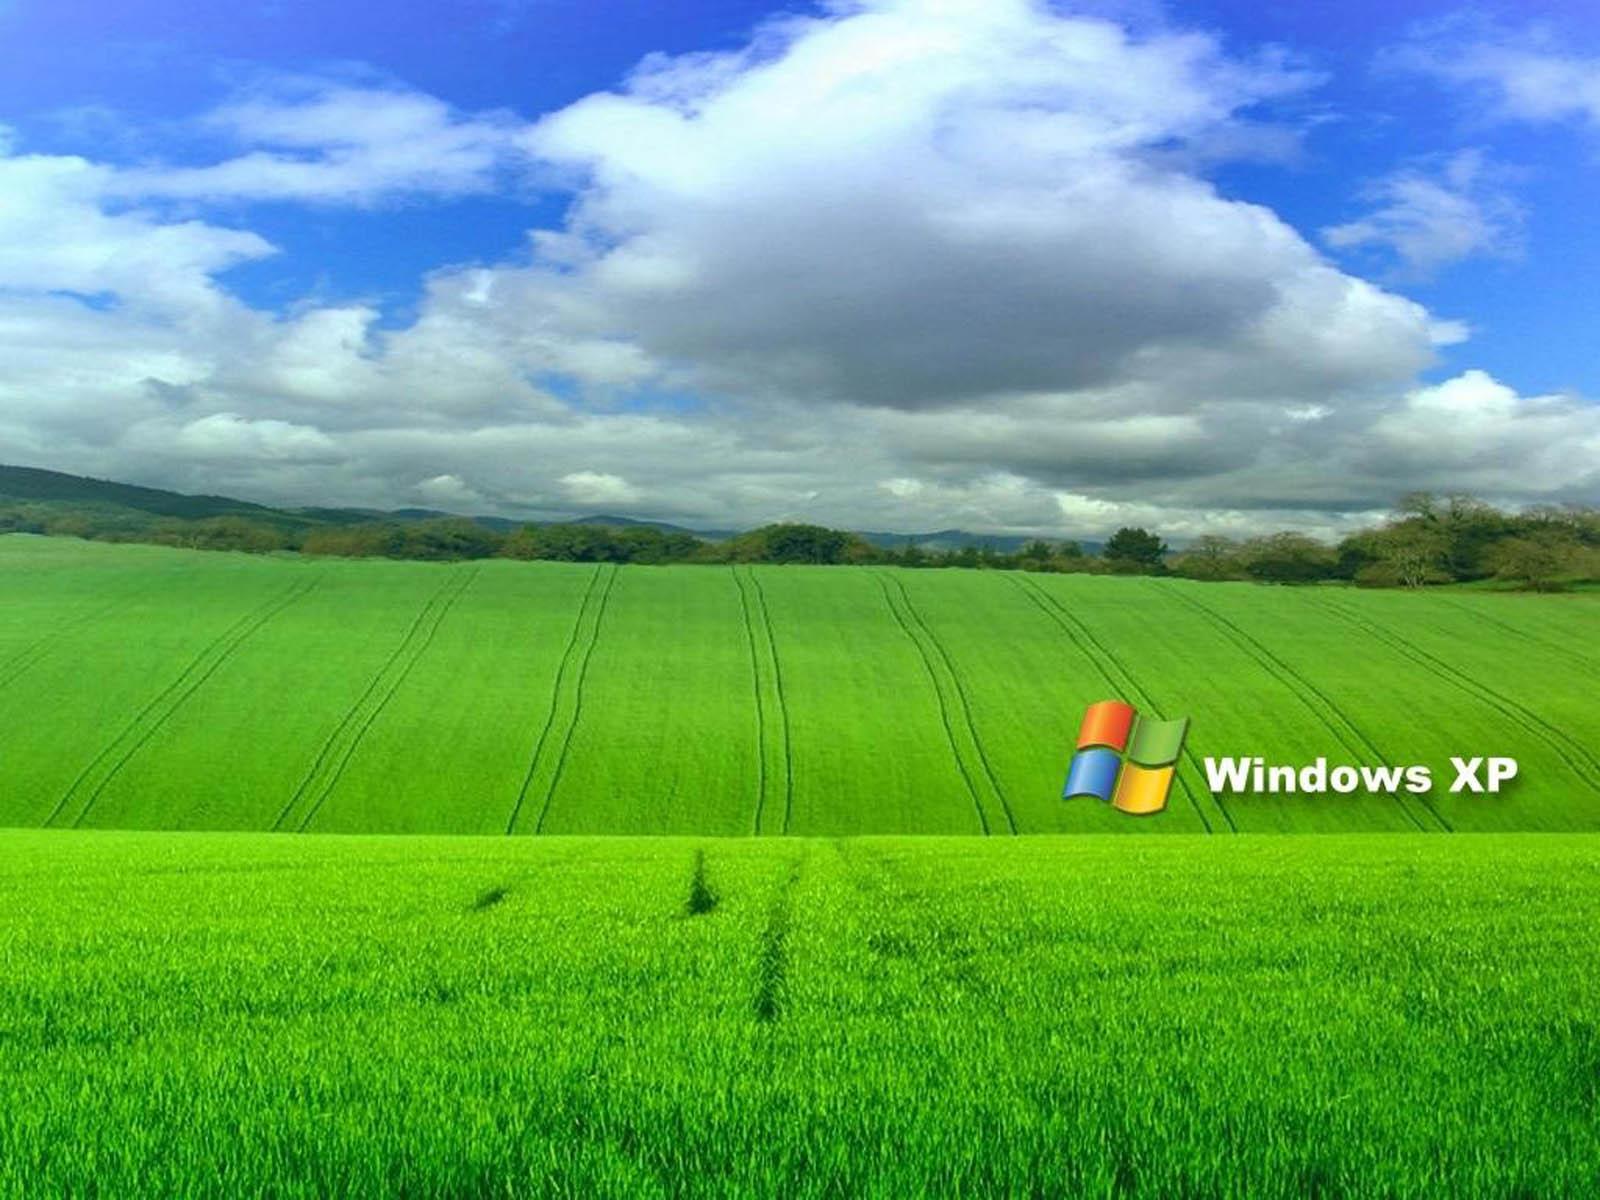 wallpapers Windows XP Desktop Wallpapers 1600x1200